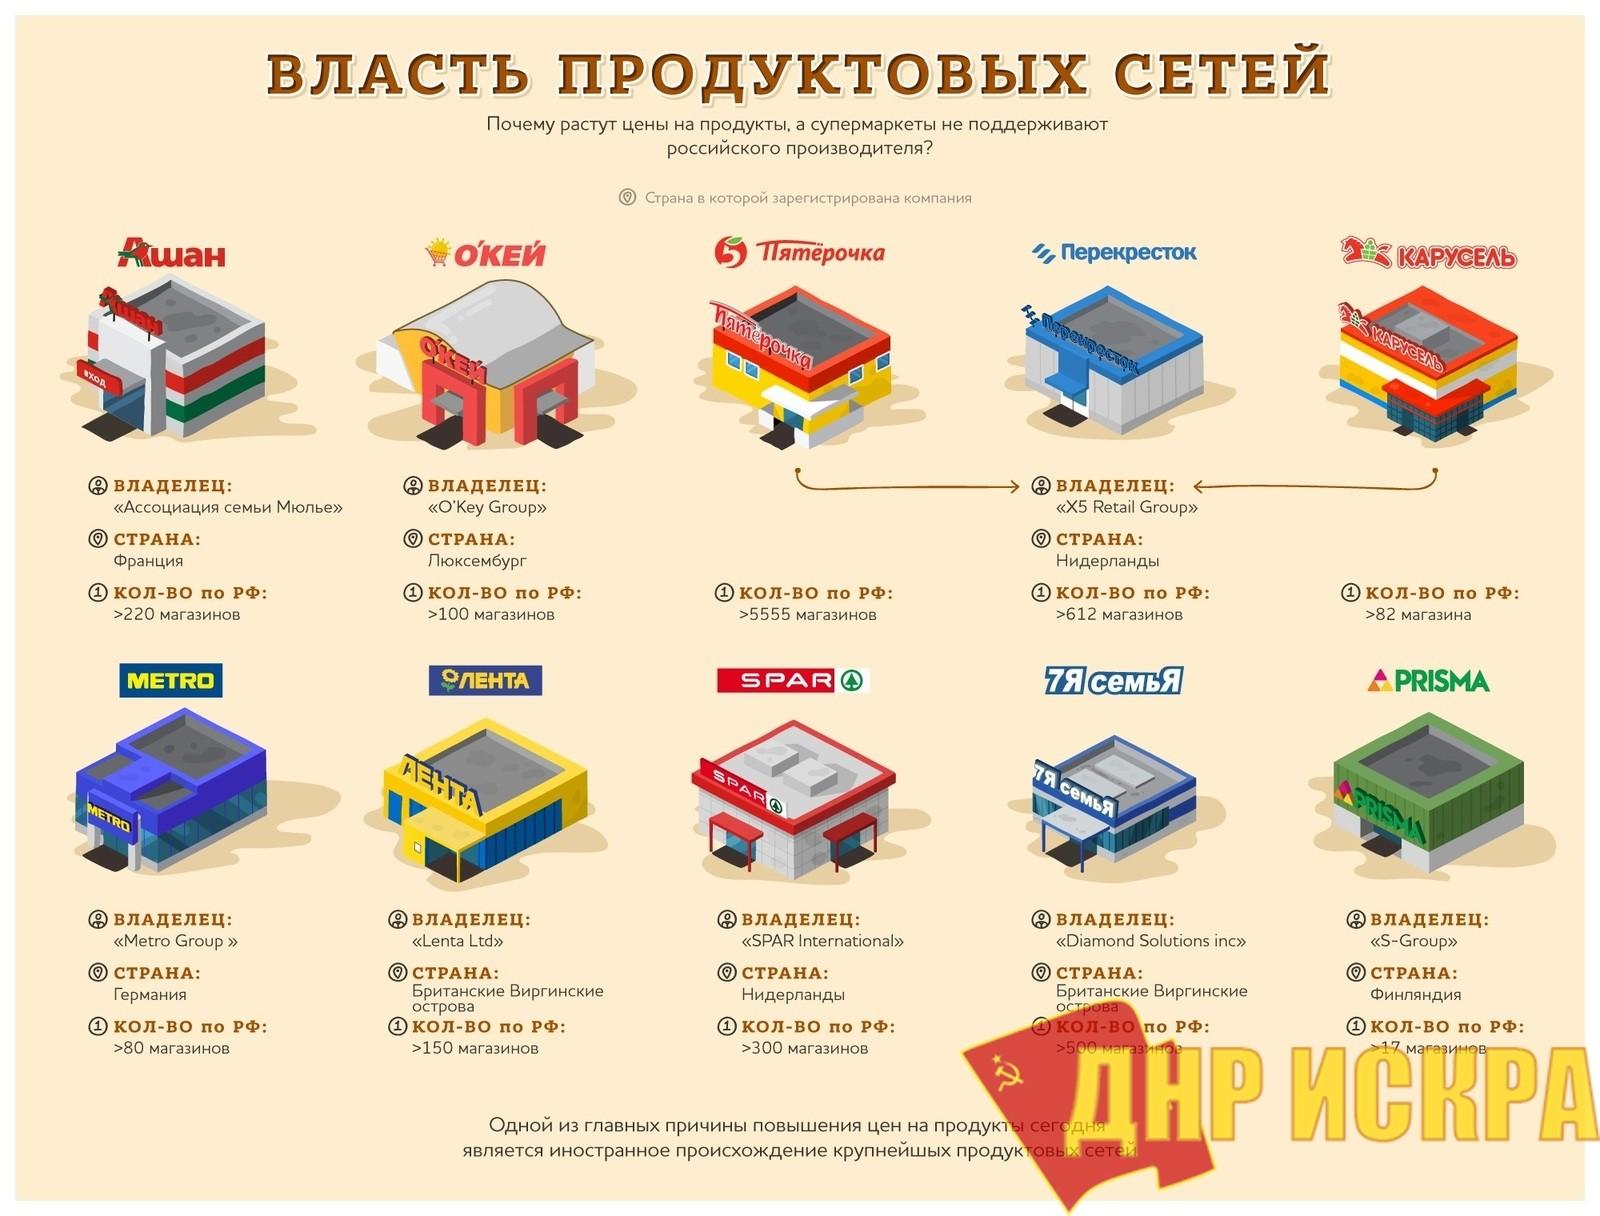 Россияне! Россия давно уже не ваша: кому в России принадлежат сетевые магазины